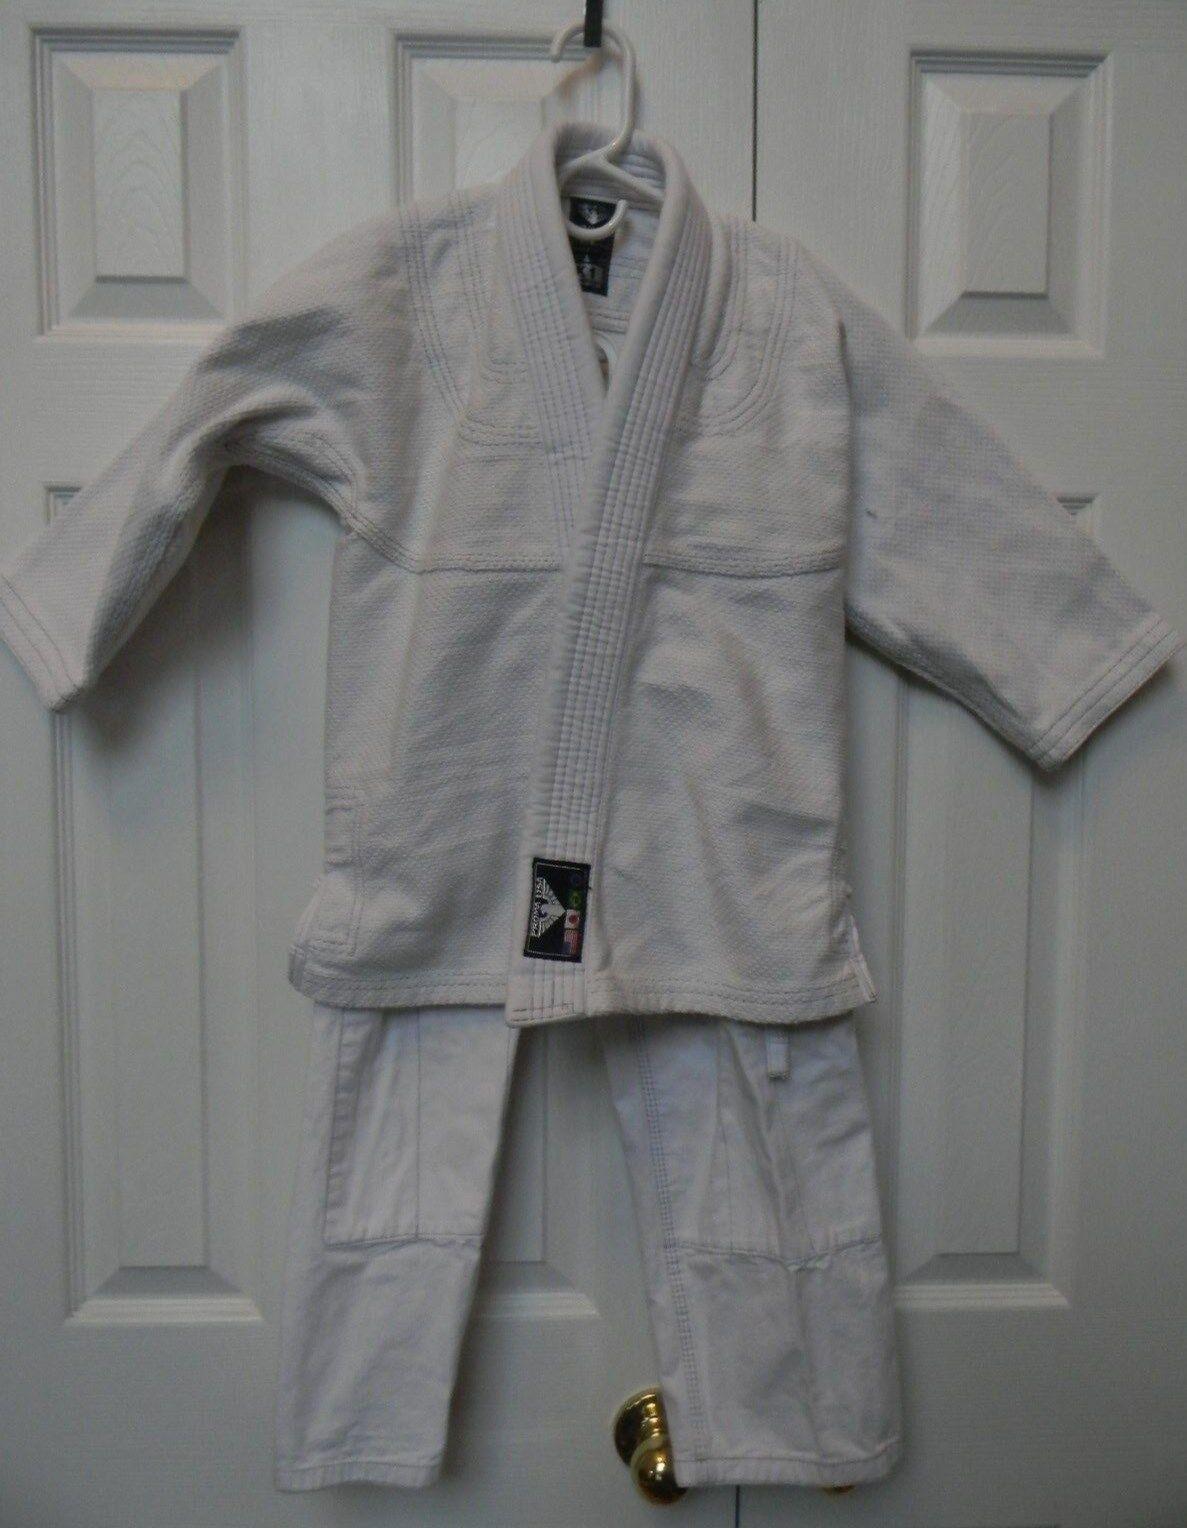 BJJ White Gi- Size K1 (Appx. 61-74 lbs)